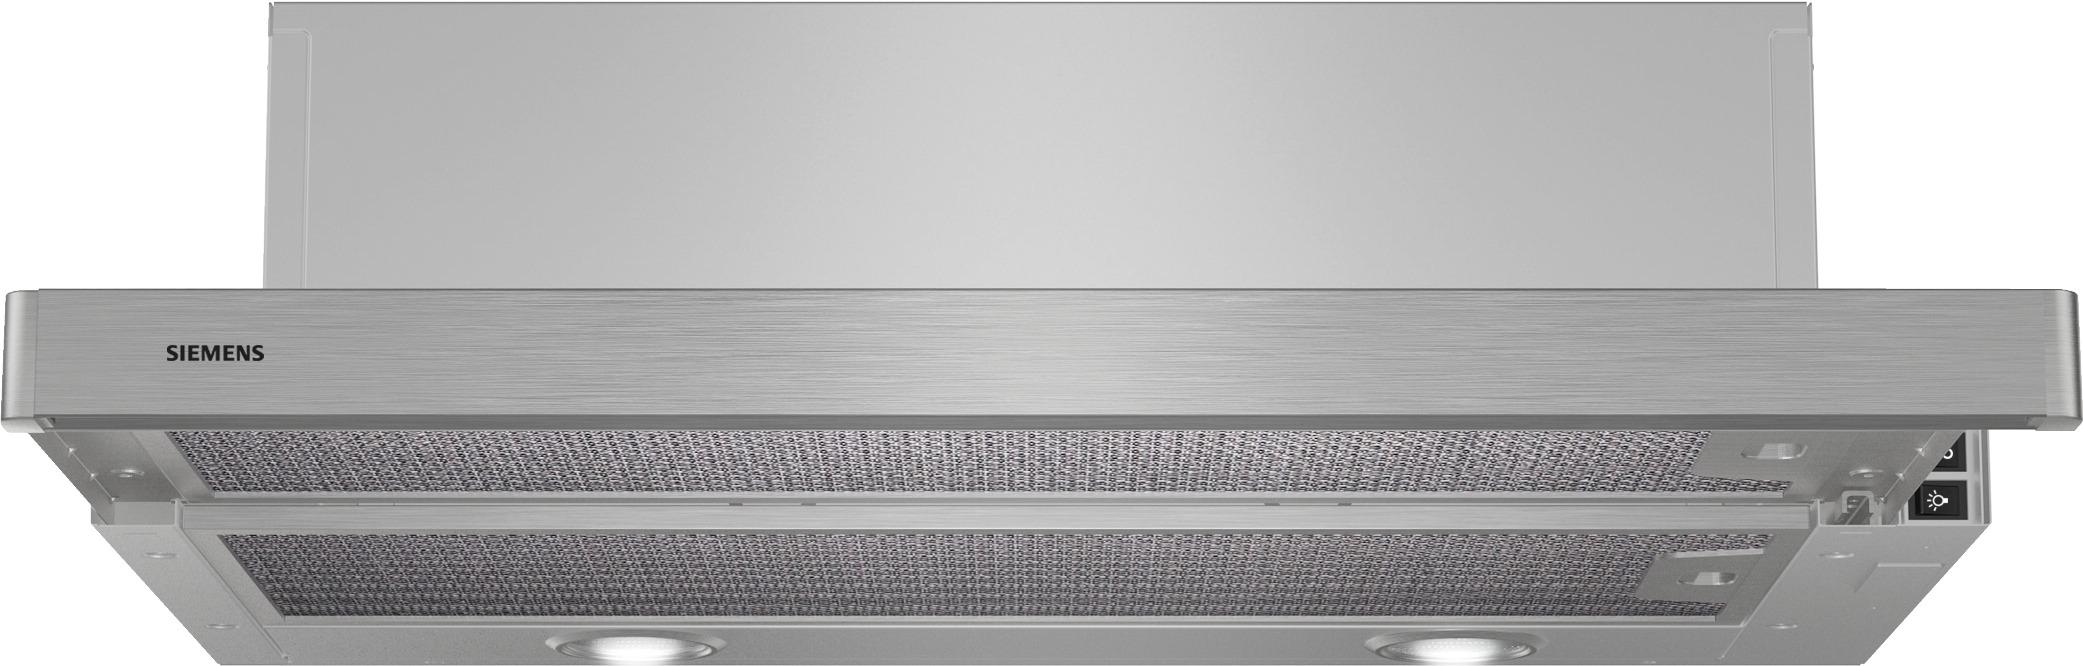 Siemens afzuigkap vlakscherm LI60OA521